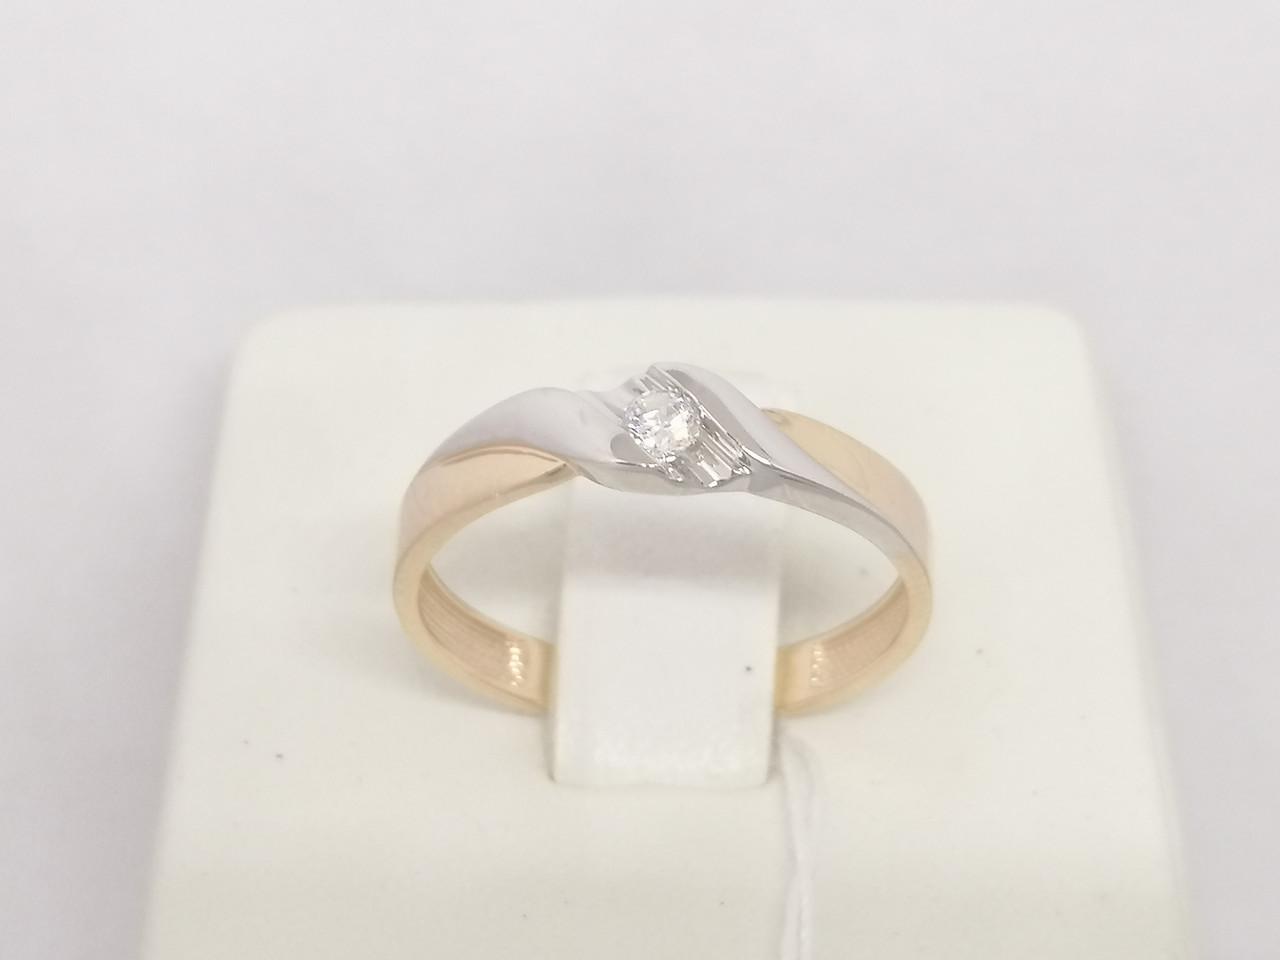 Золотое кольцо с фианитом. Артикул 141057 17,5